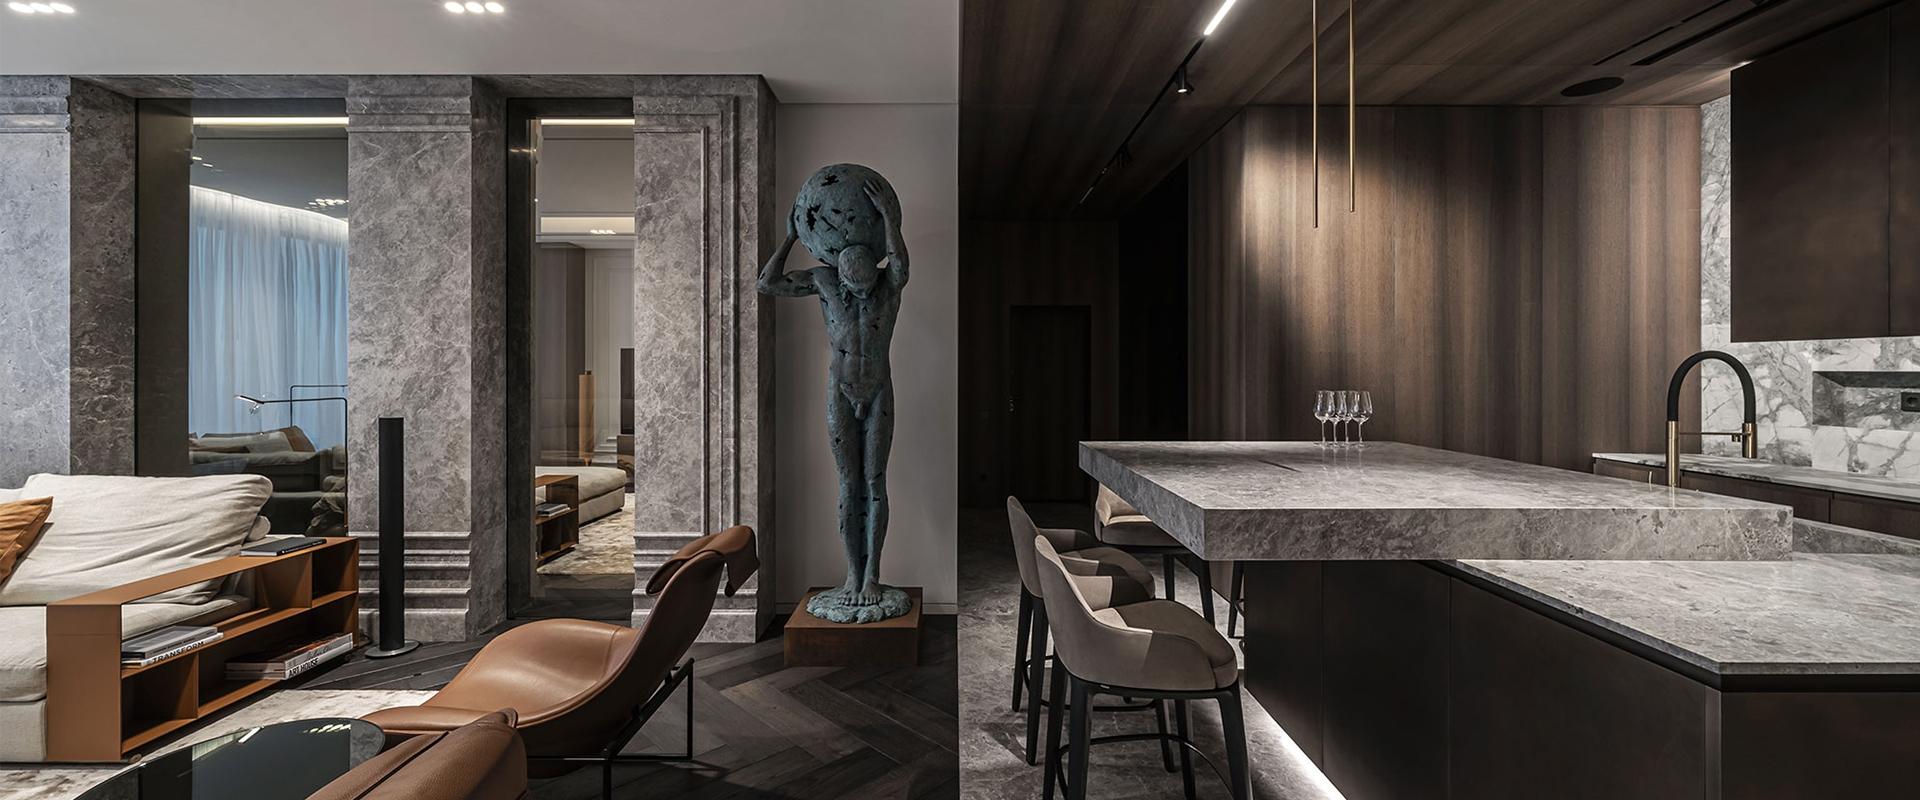 The Colossus Apartment: un progetto di interior design su misura per un giovane uomo in carriera